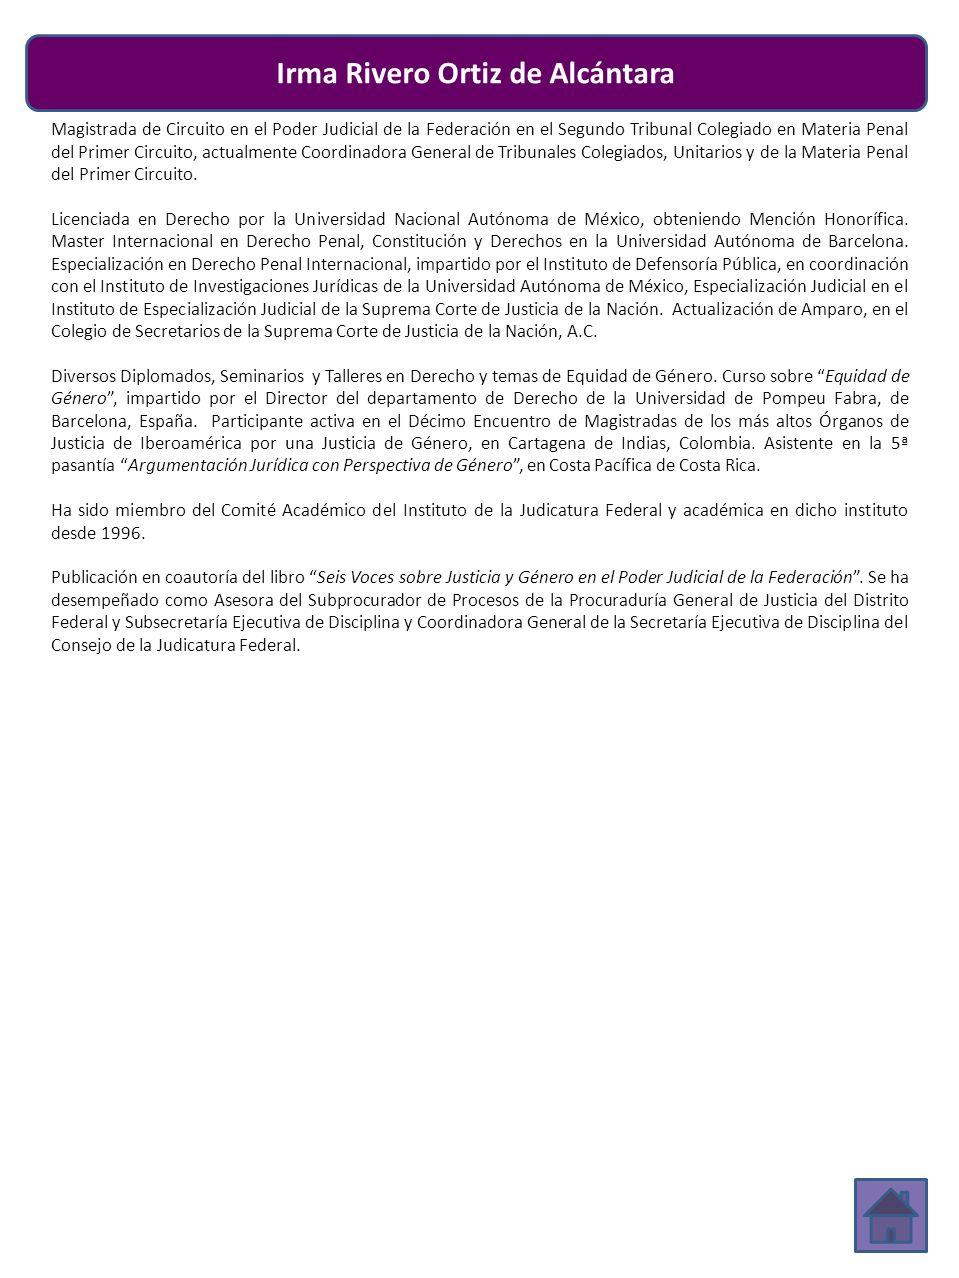 Irma Rivero Ortiz de Alcántara Magistrada de Circuito en el Poder Judicial de la Federación en el Segundo Tribunal Colegiado en Materia Penal del Prim